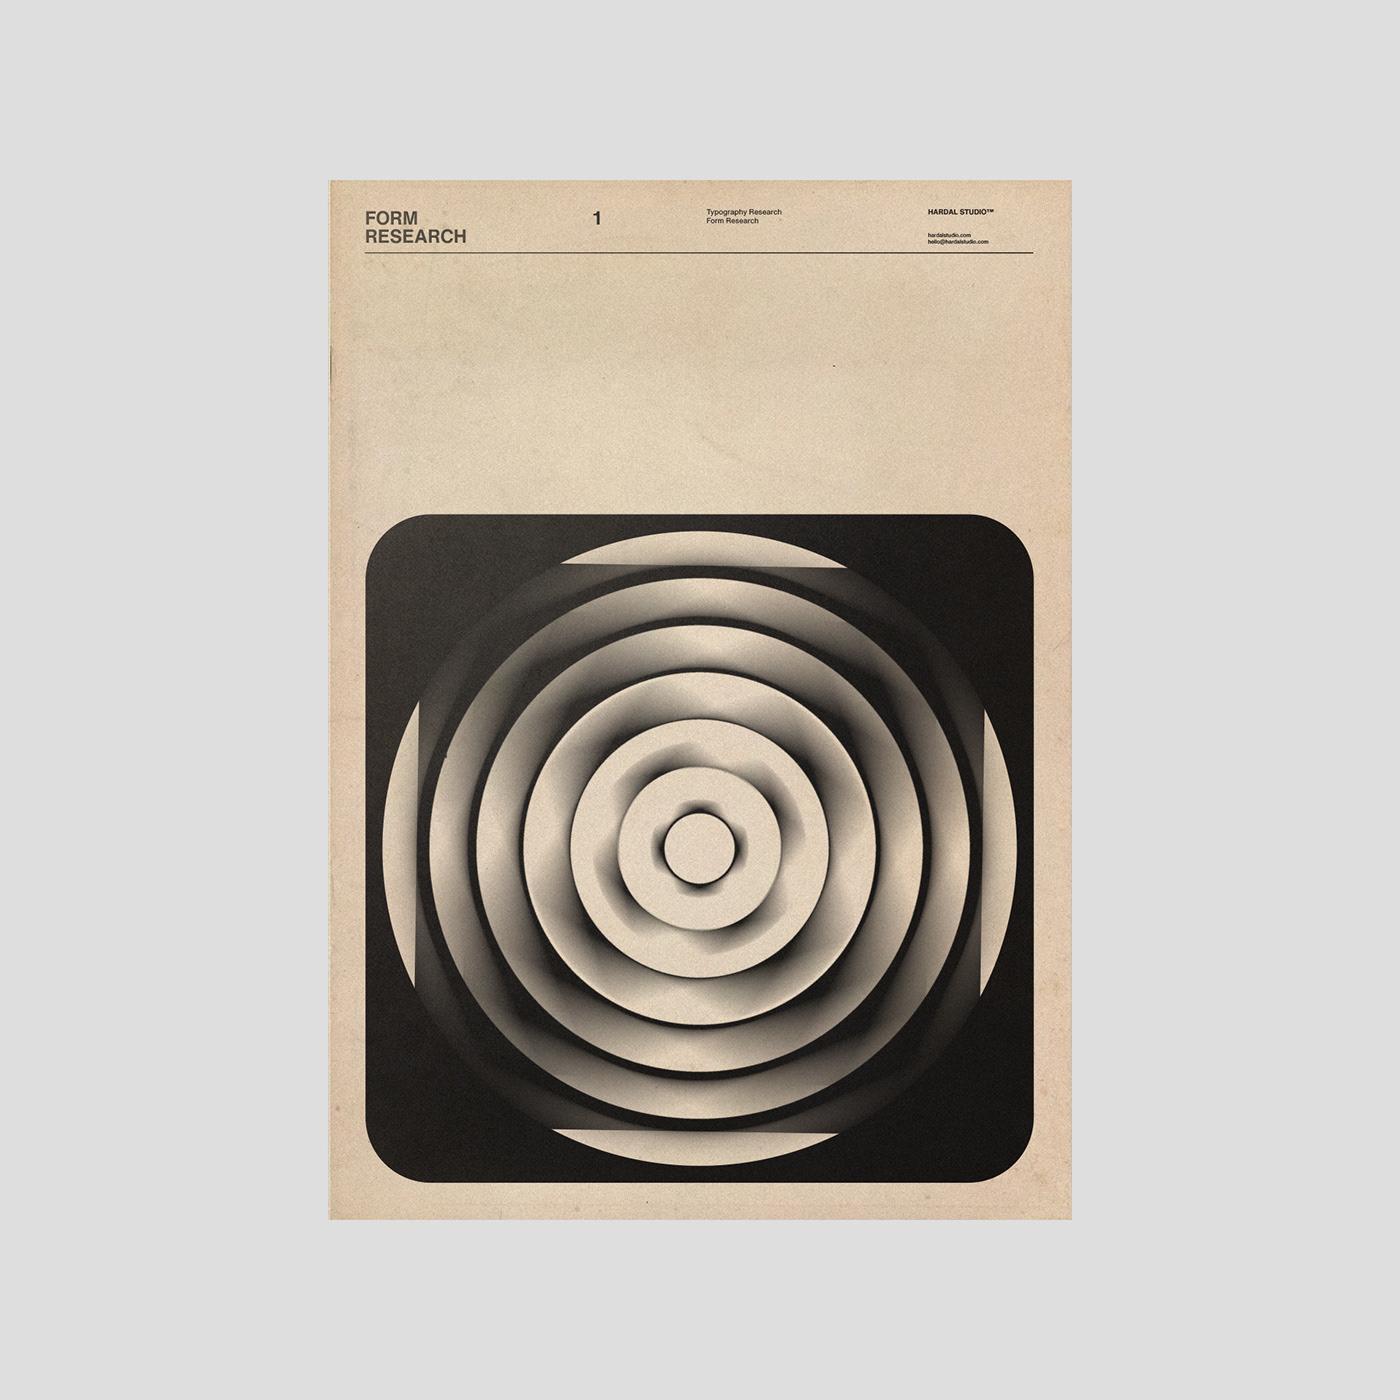 Image may contain: circle and abstract